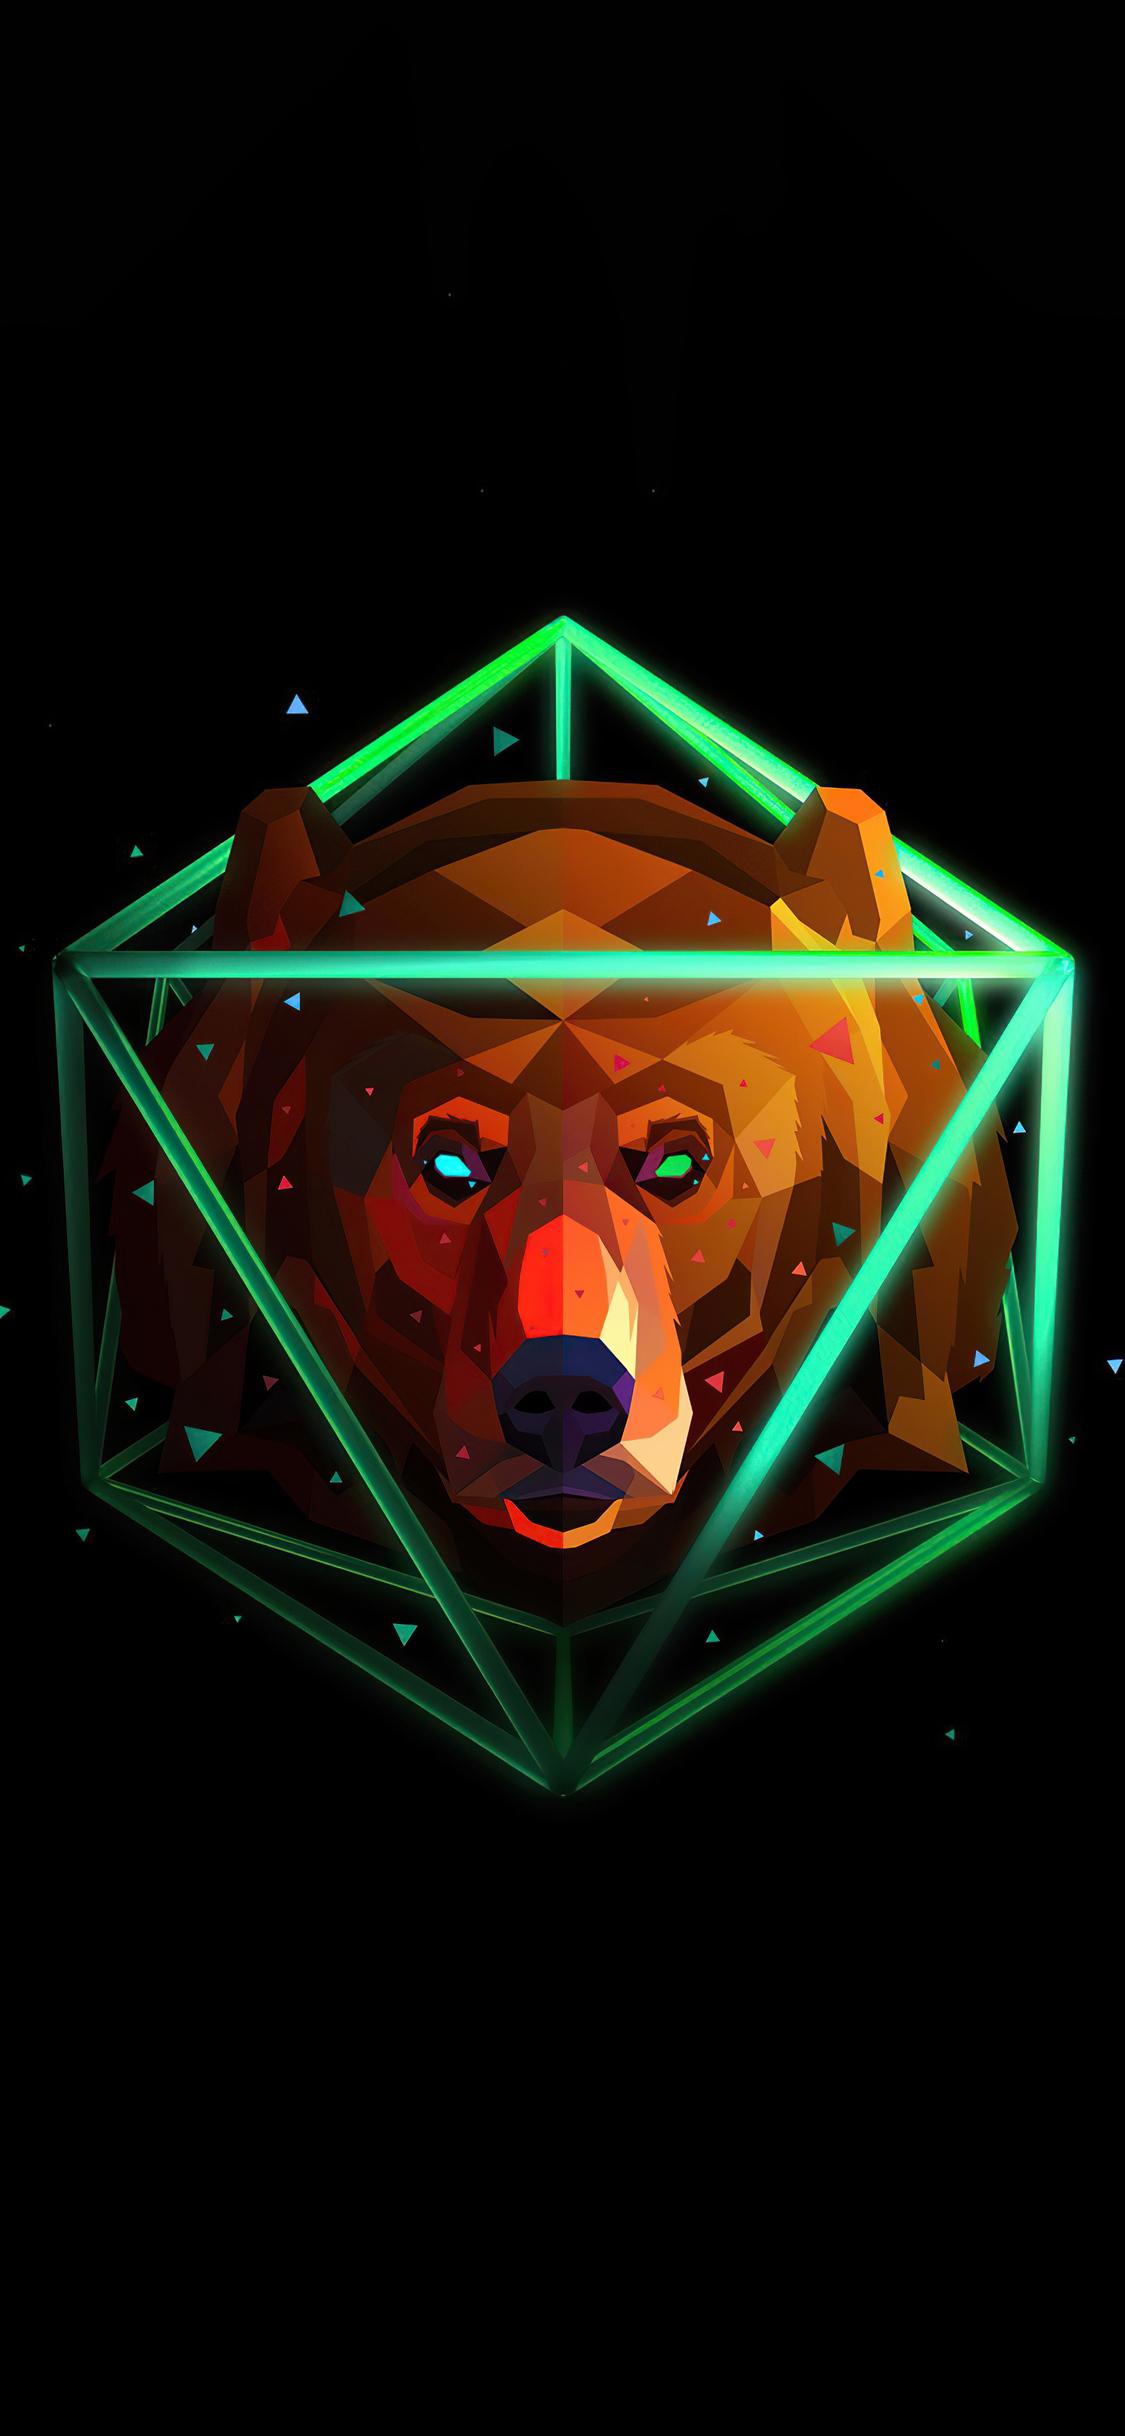 bear-justin-maller-4k-f1.jpg